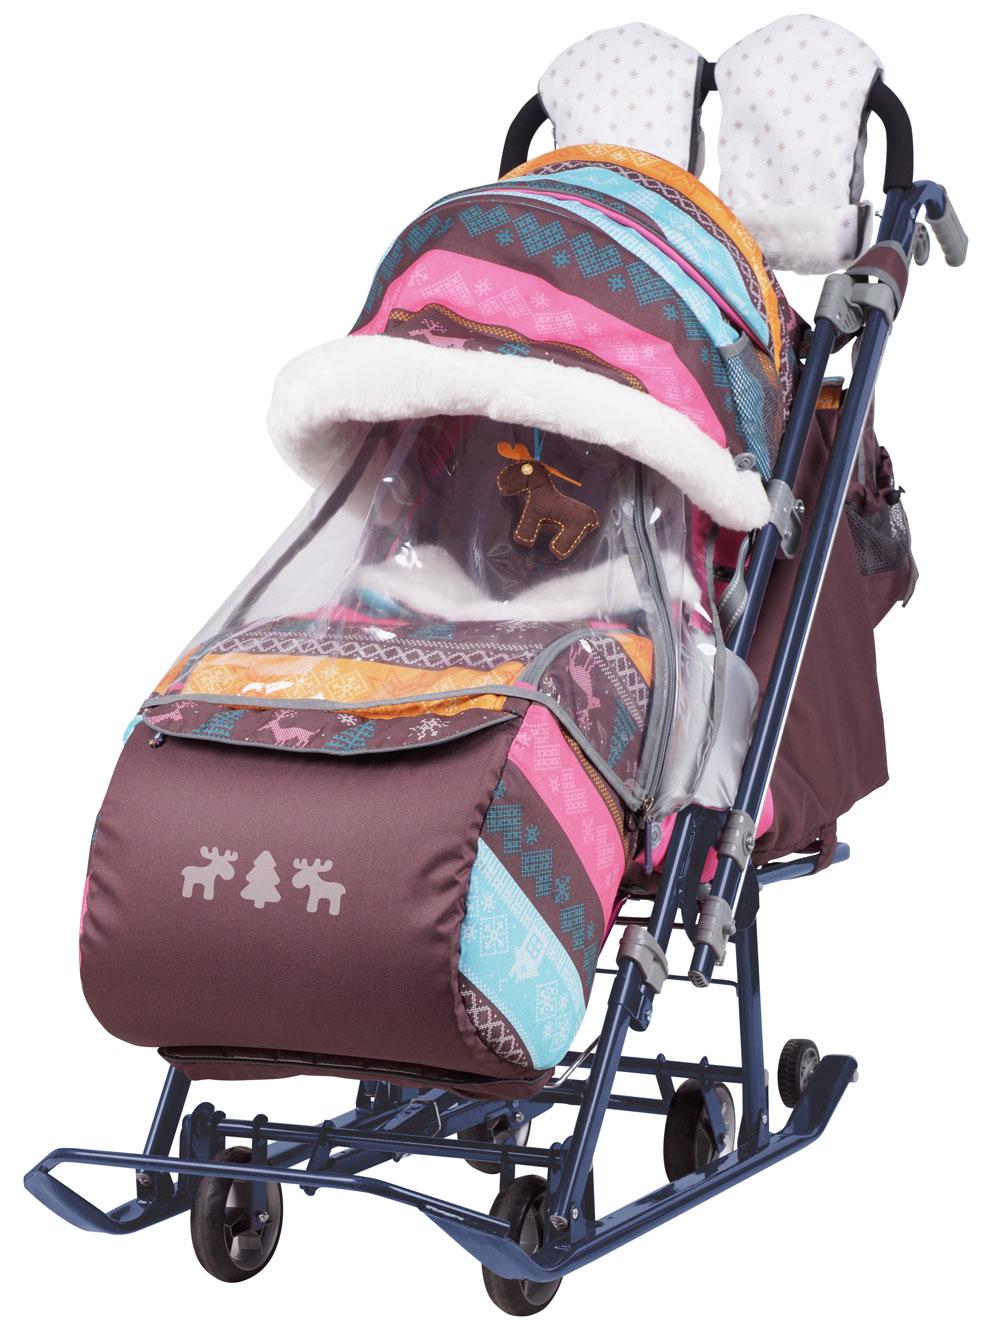 Санки коляска Ника Детям 7 3 в джинсовом стиле Скандинавский розовый, - фото 1